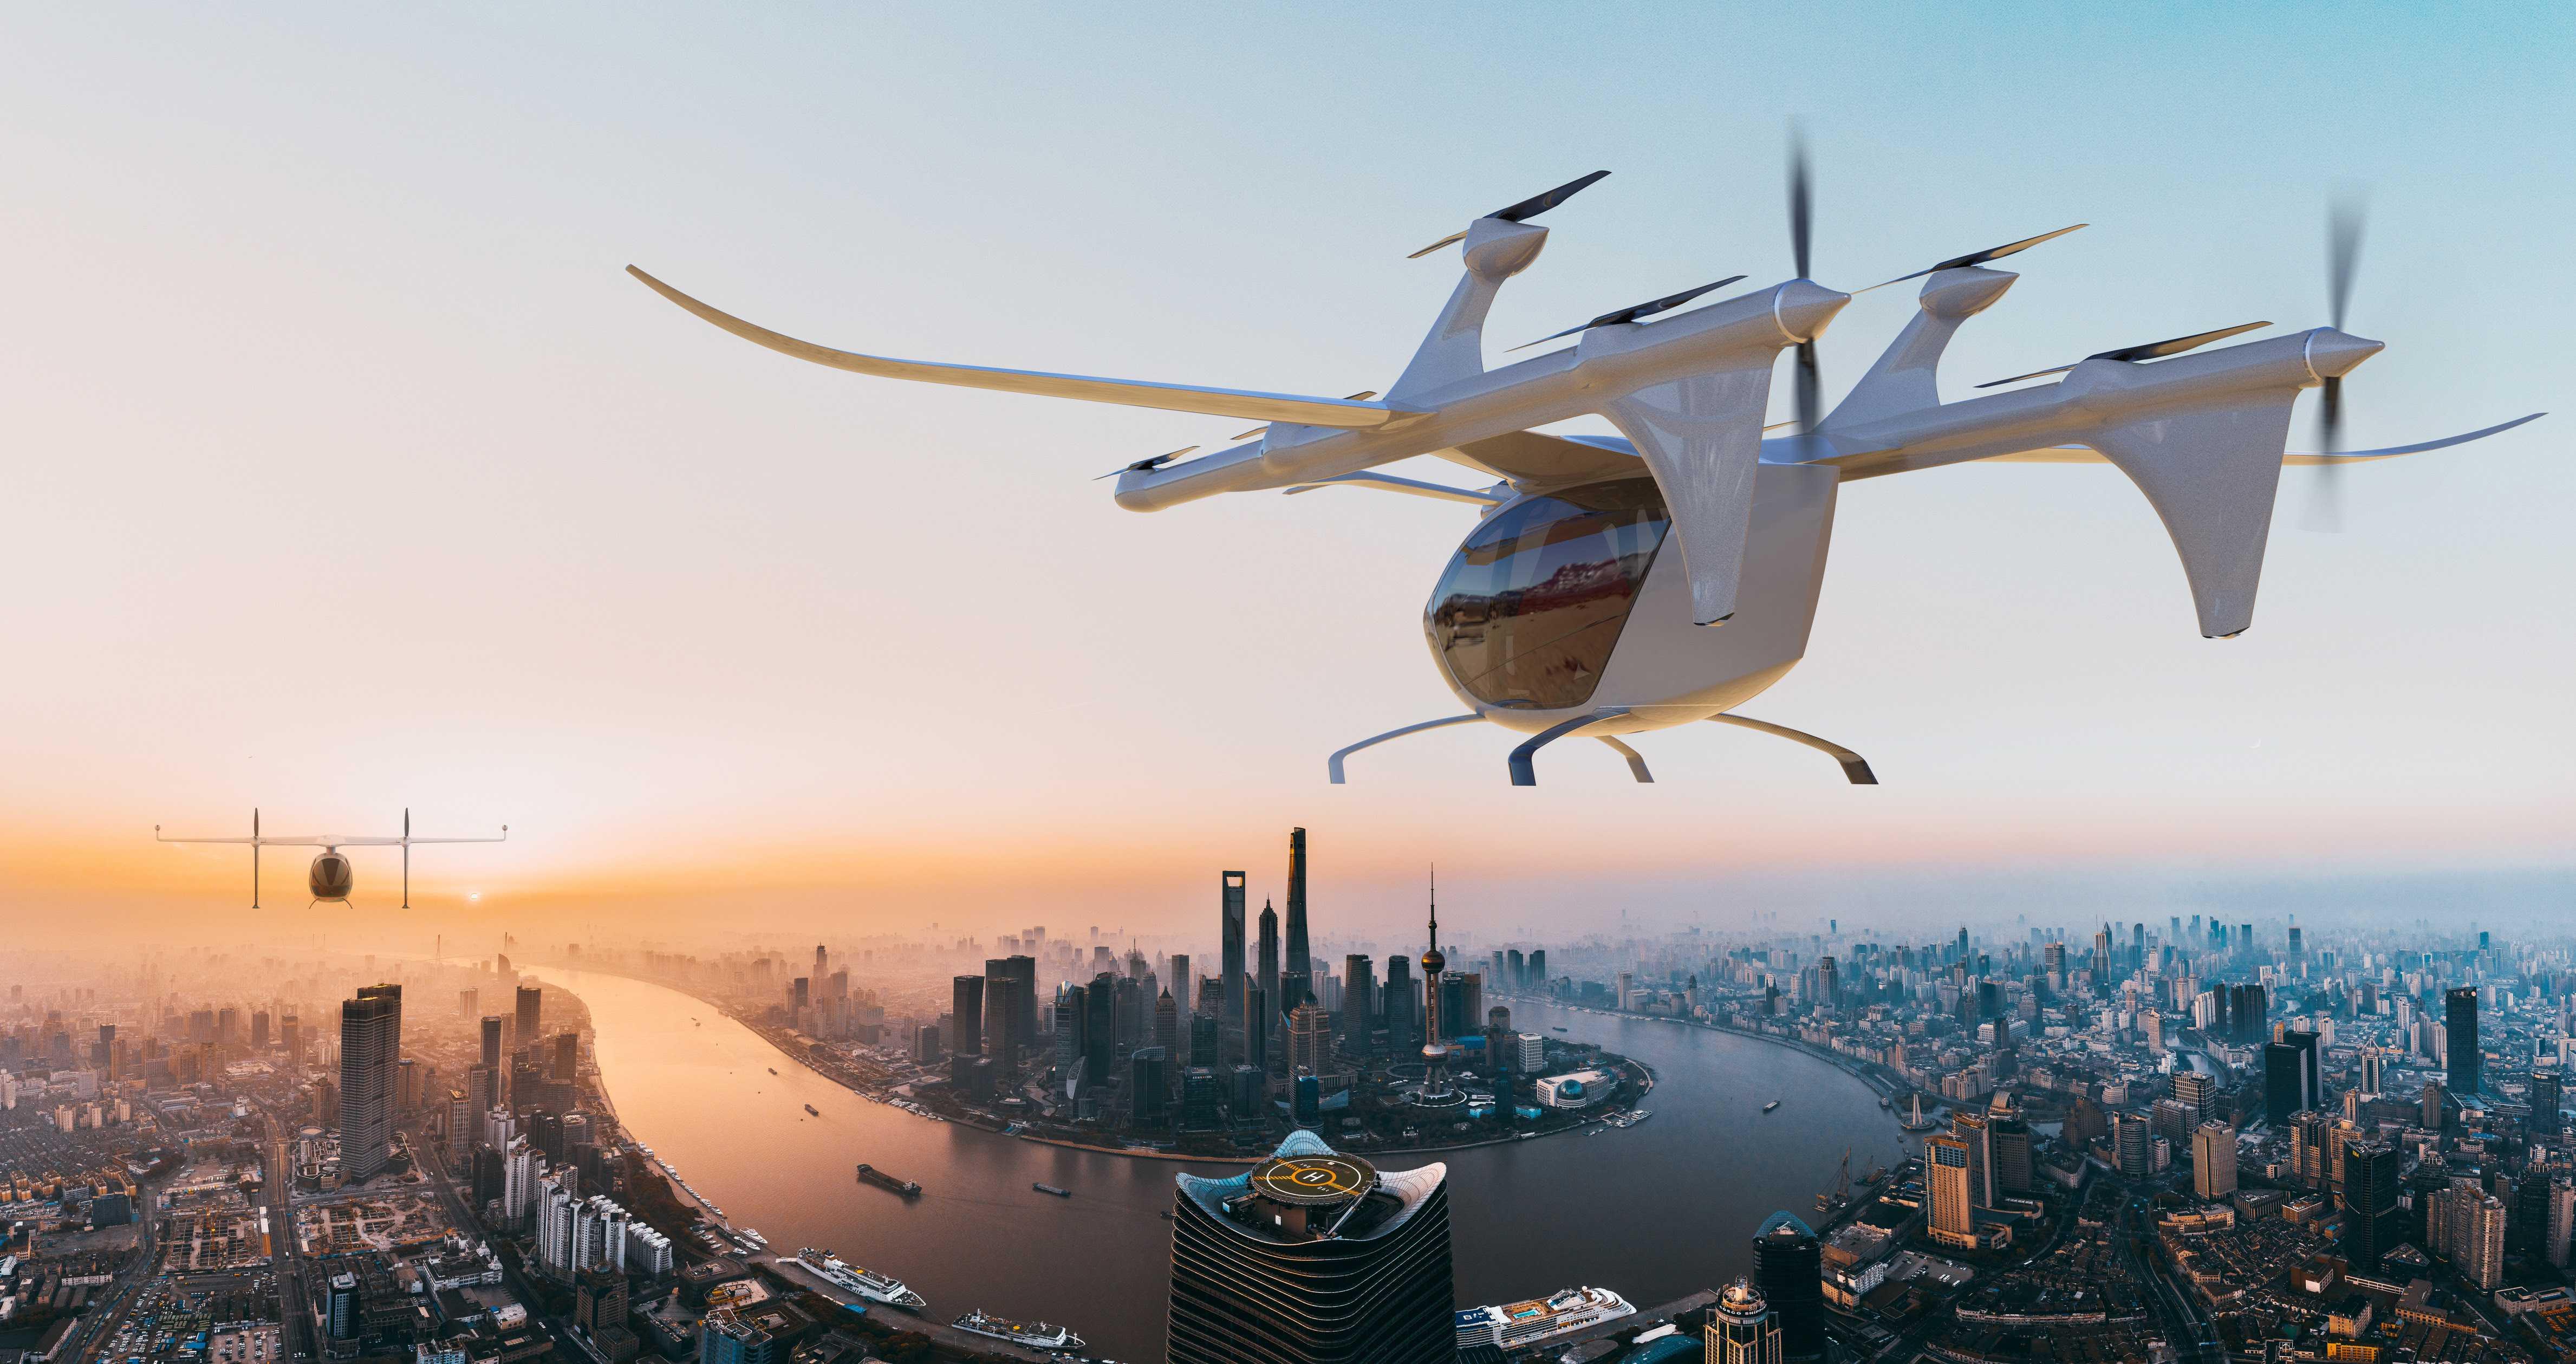 Китайцы представили прототип аэротакси V1500M с большой дальностью полета